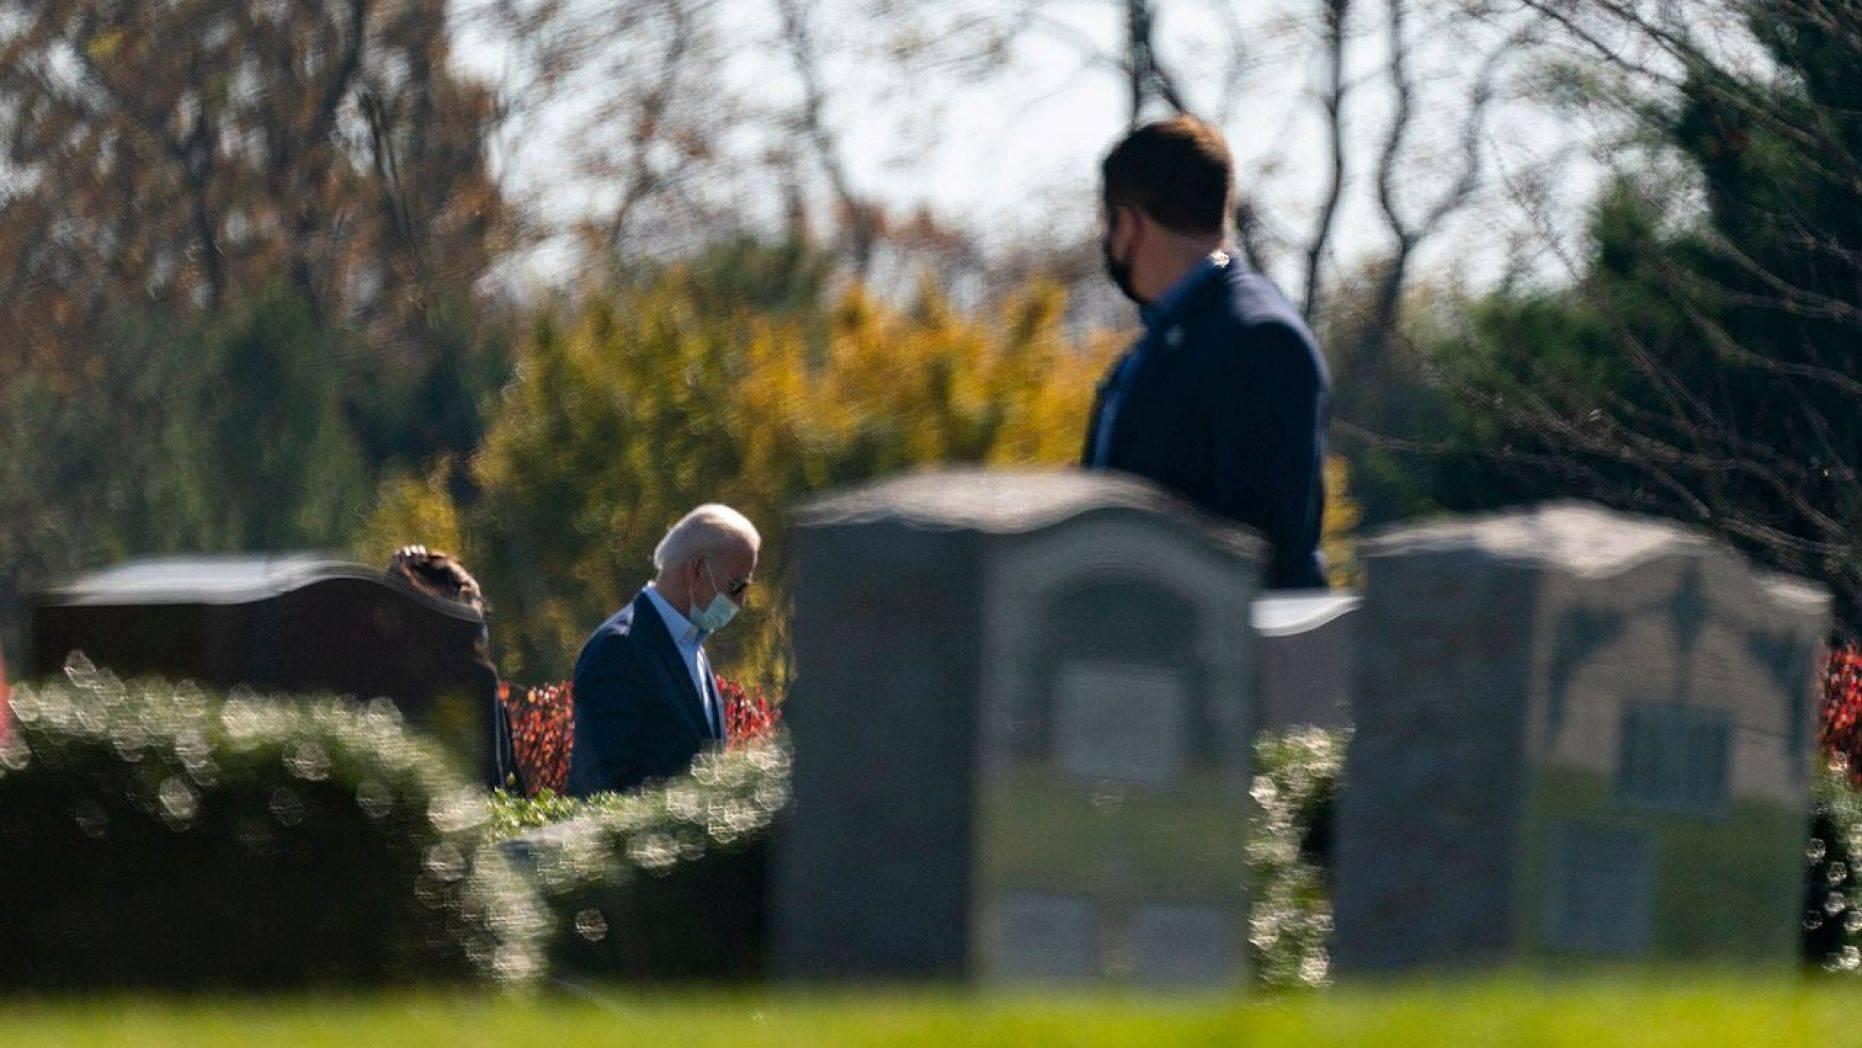 美媒称拜登胜选后给长子扫墓,其子遗愿是父亲竞选总统